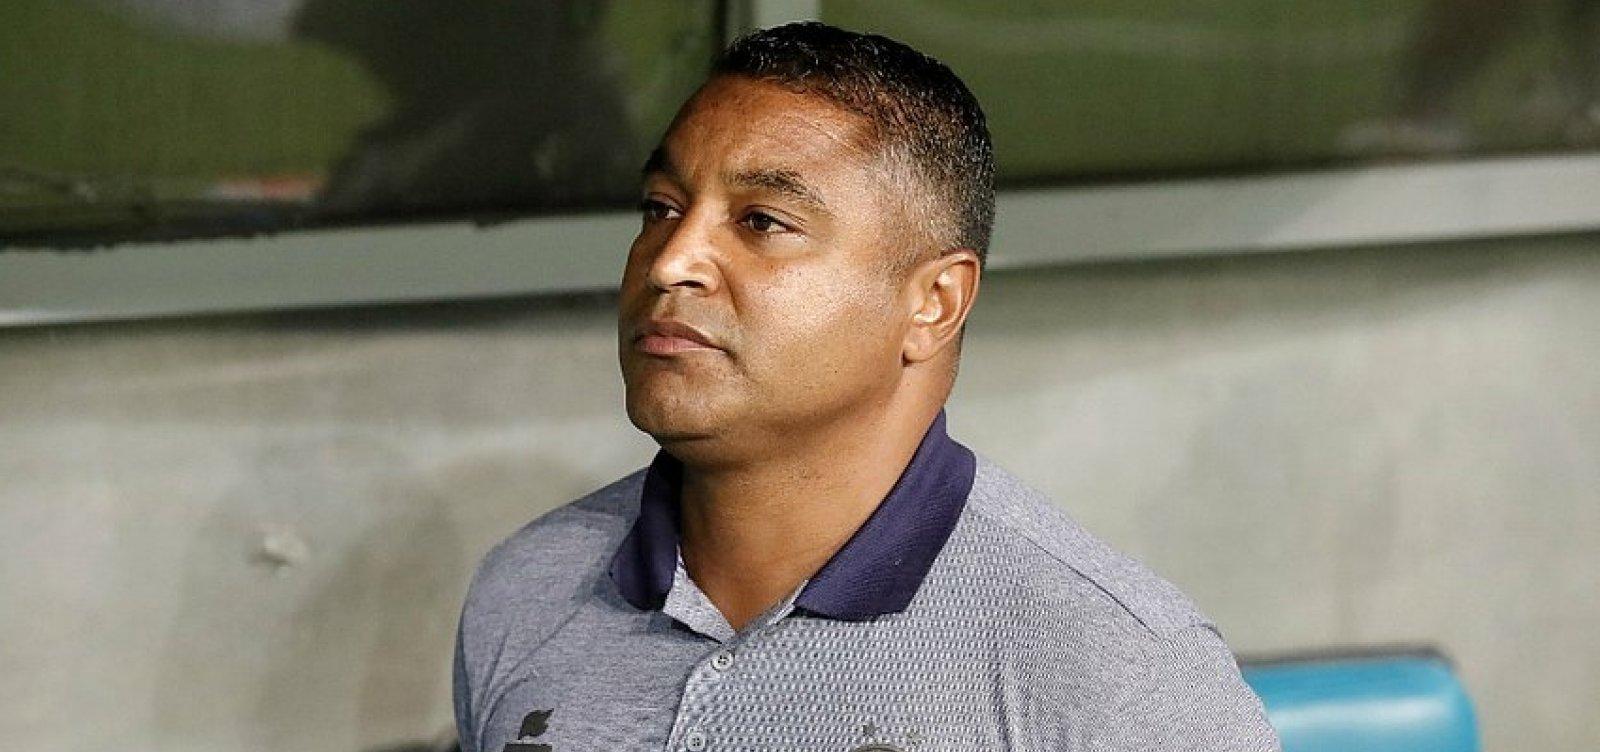 ['Valeu pelo retorno da confiança', diz Roger após empate entre Bahia e Cruzeiro]